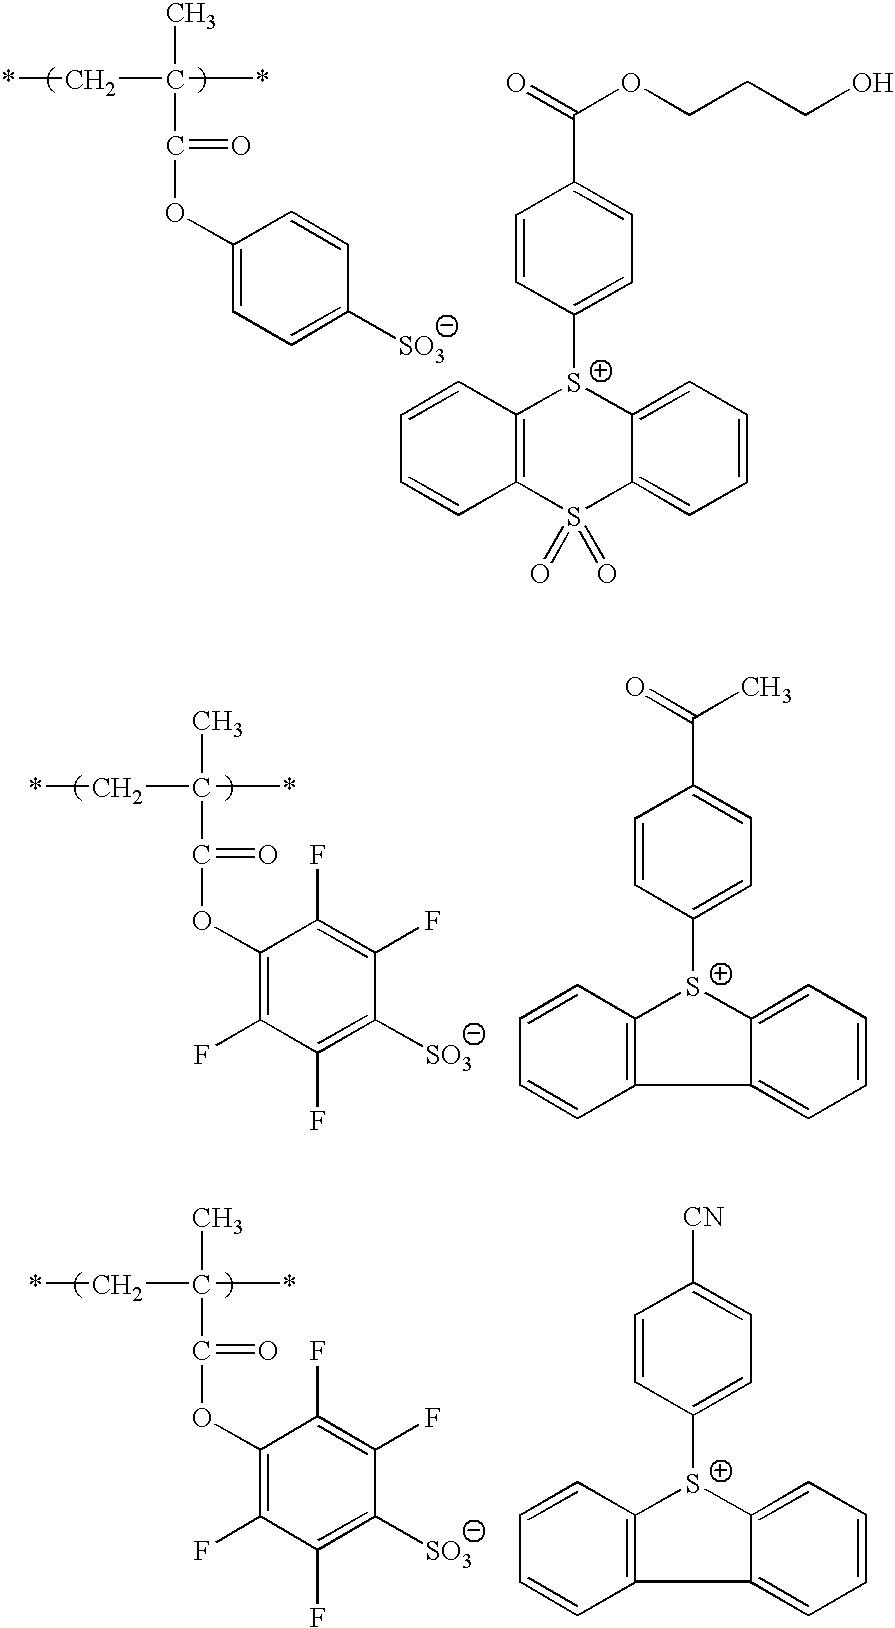 Figure US20100183975A1-20100722-C00072